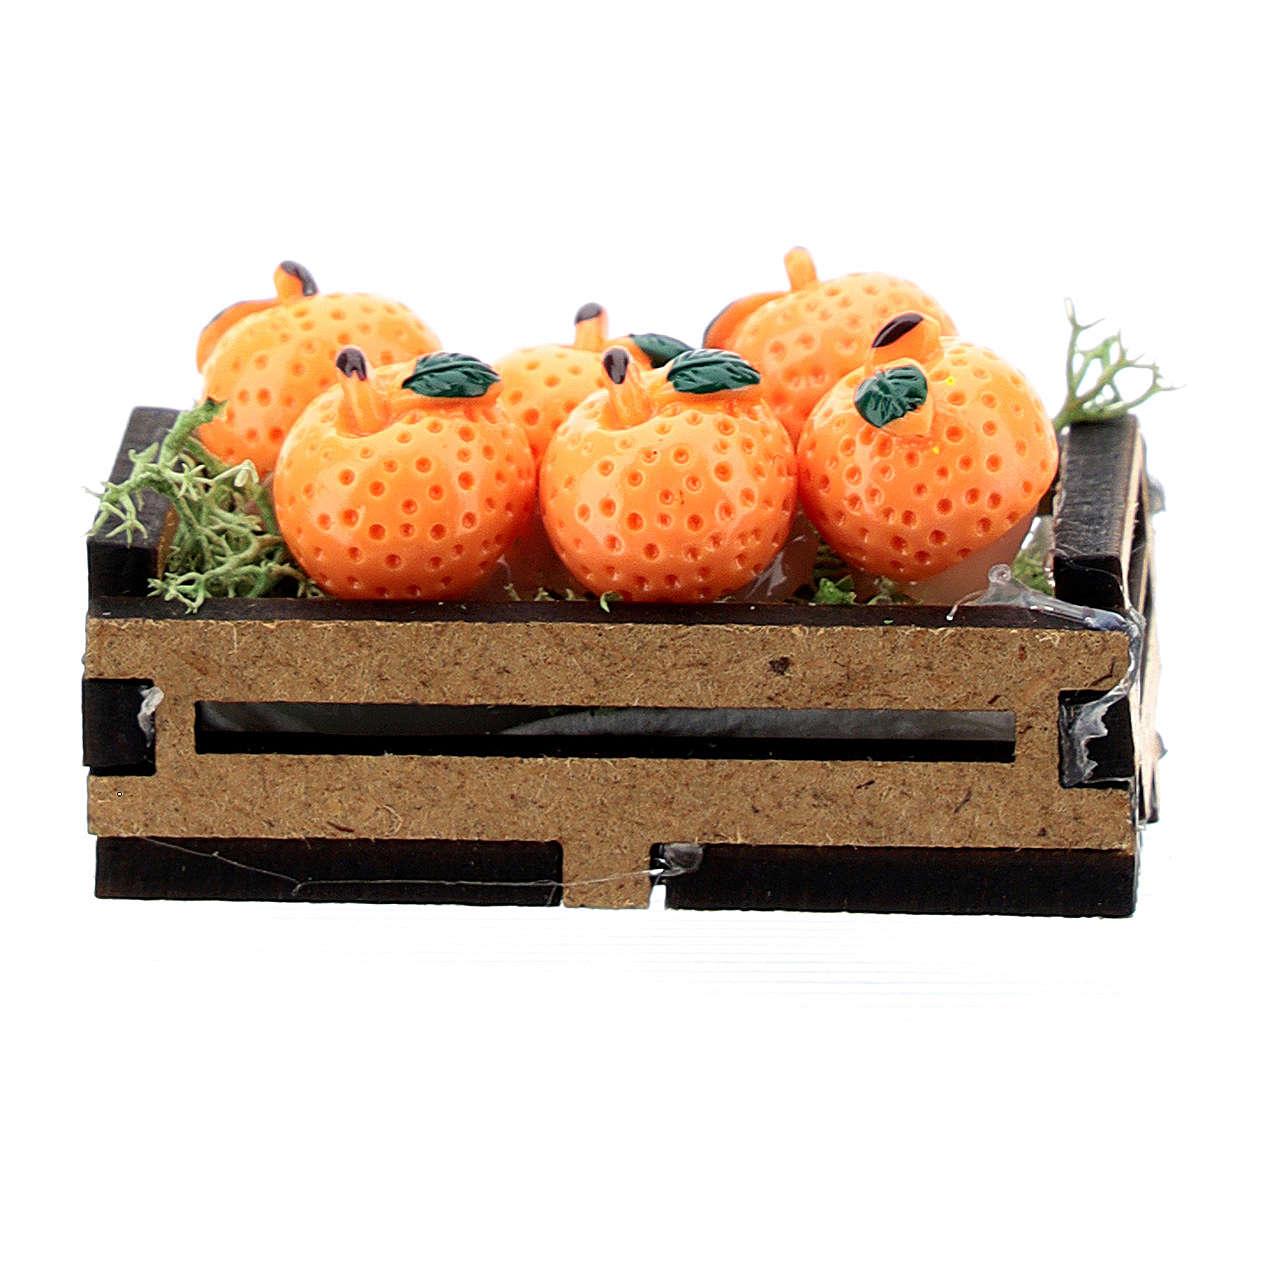 Cassa di arance legno per presepe 10-16 cm 4